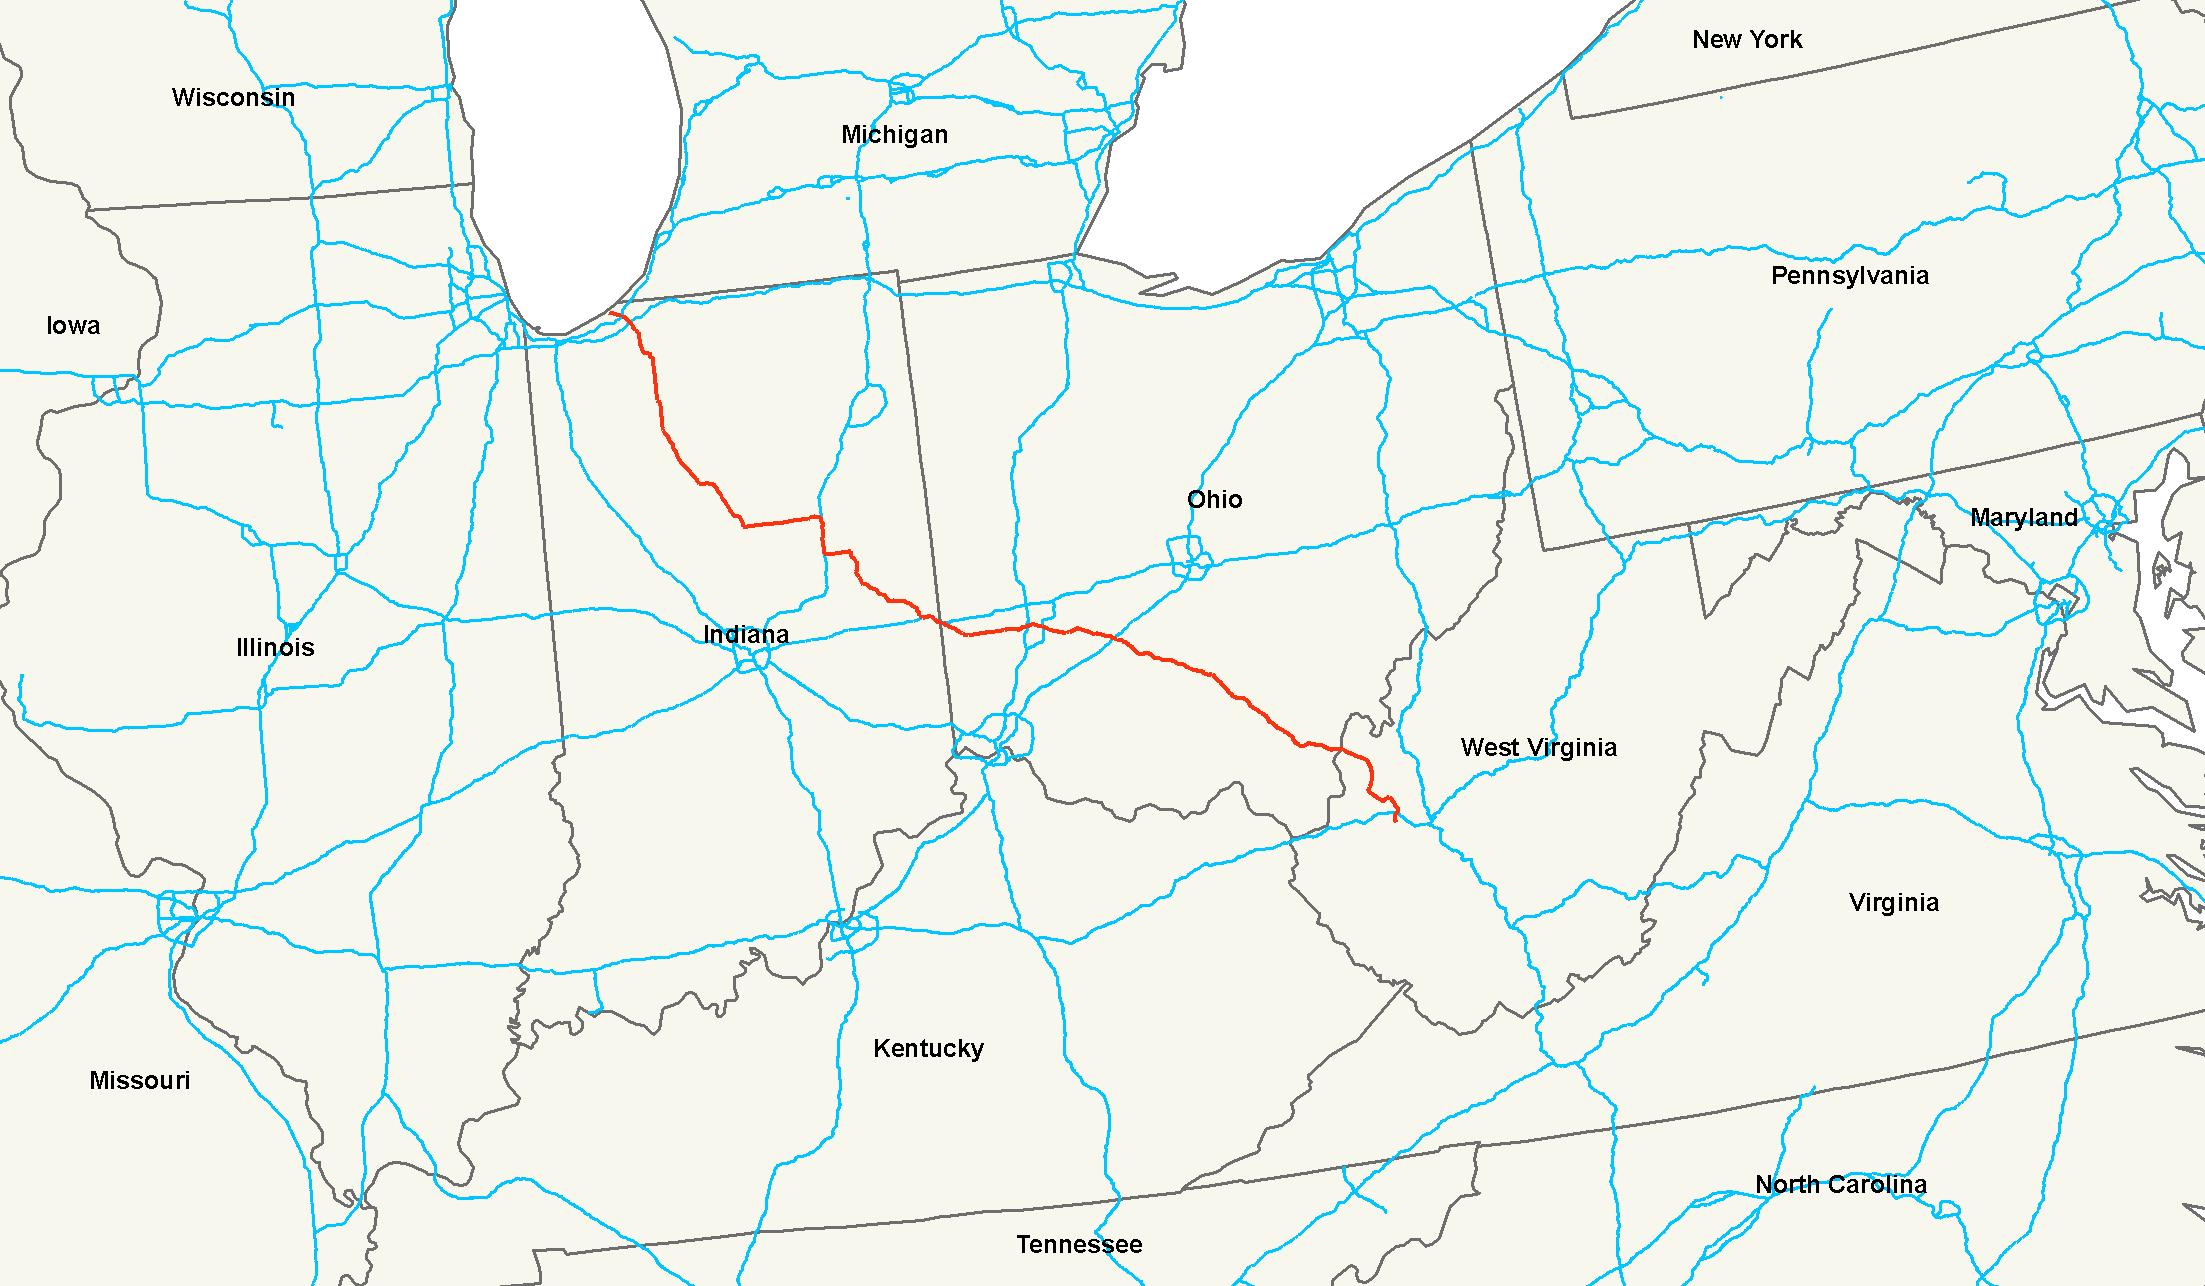 U.S. Route 35 - Wikipedia